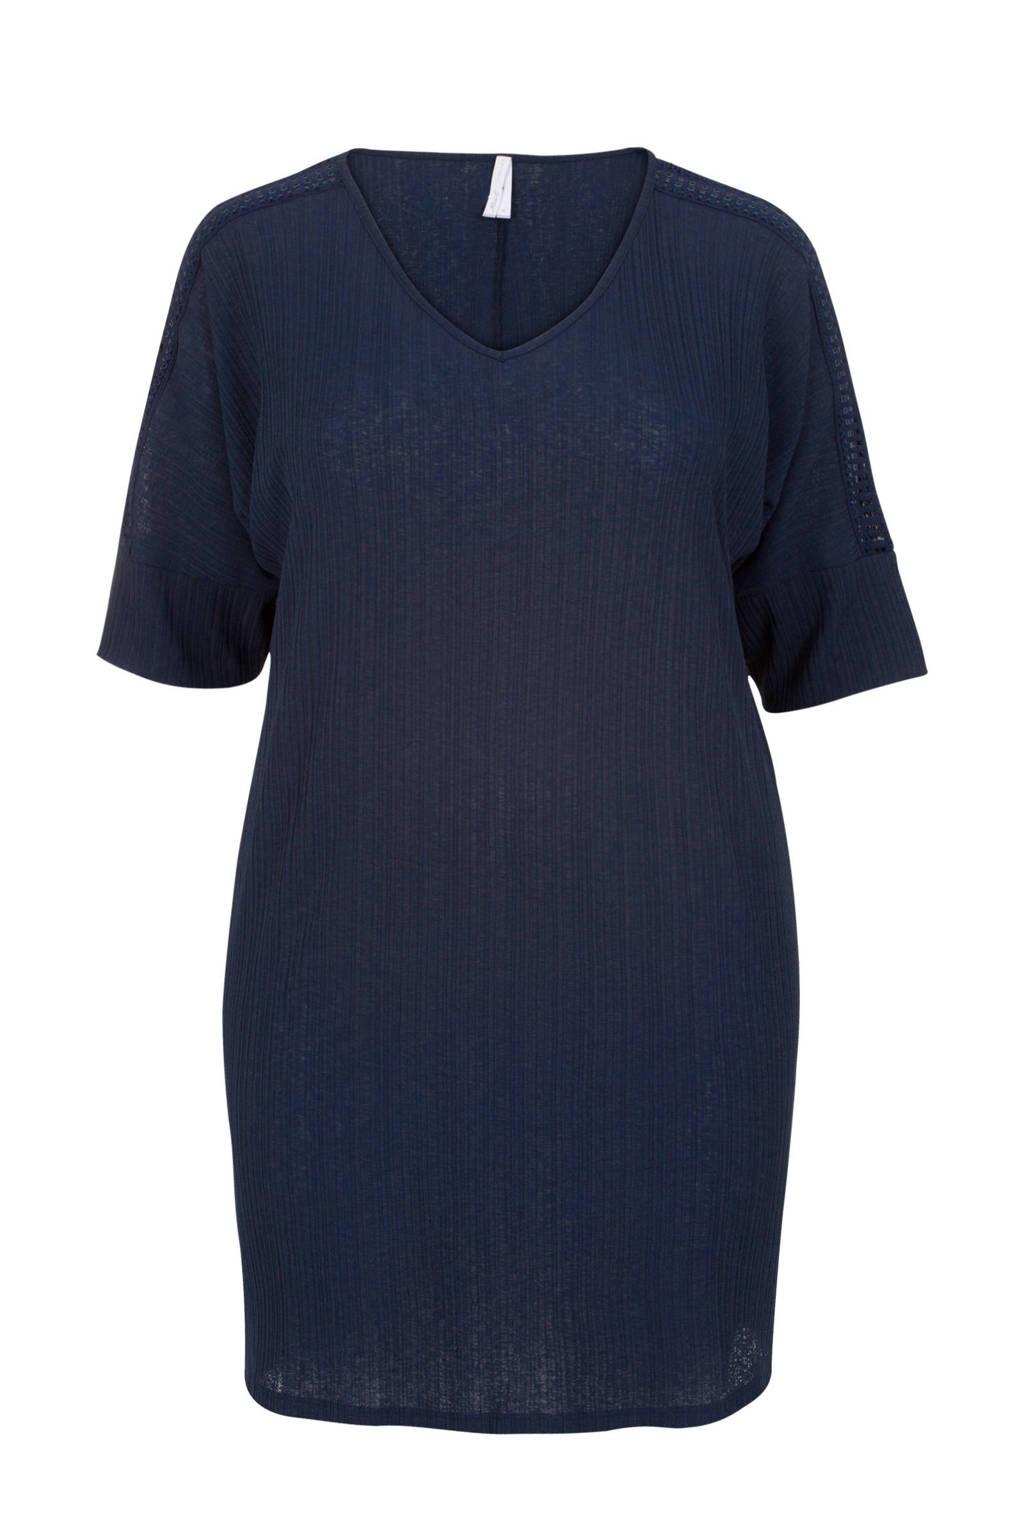 Miss Etam Plus tuniek met textuur blauw, Blauw